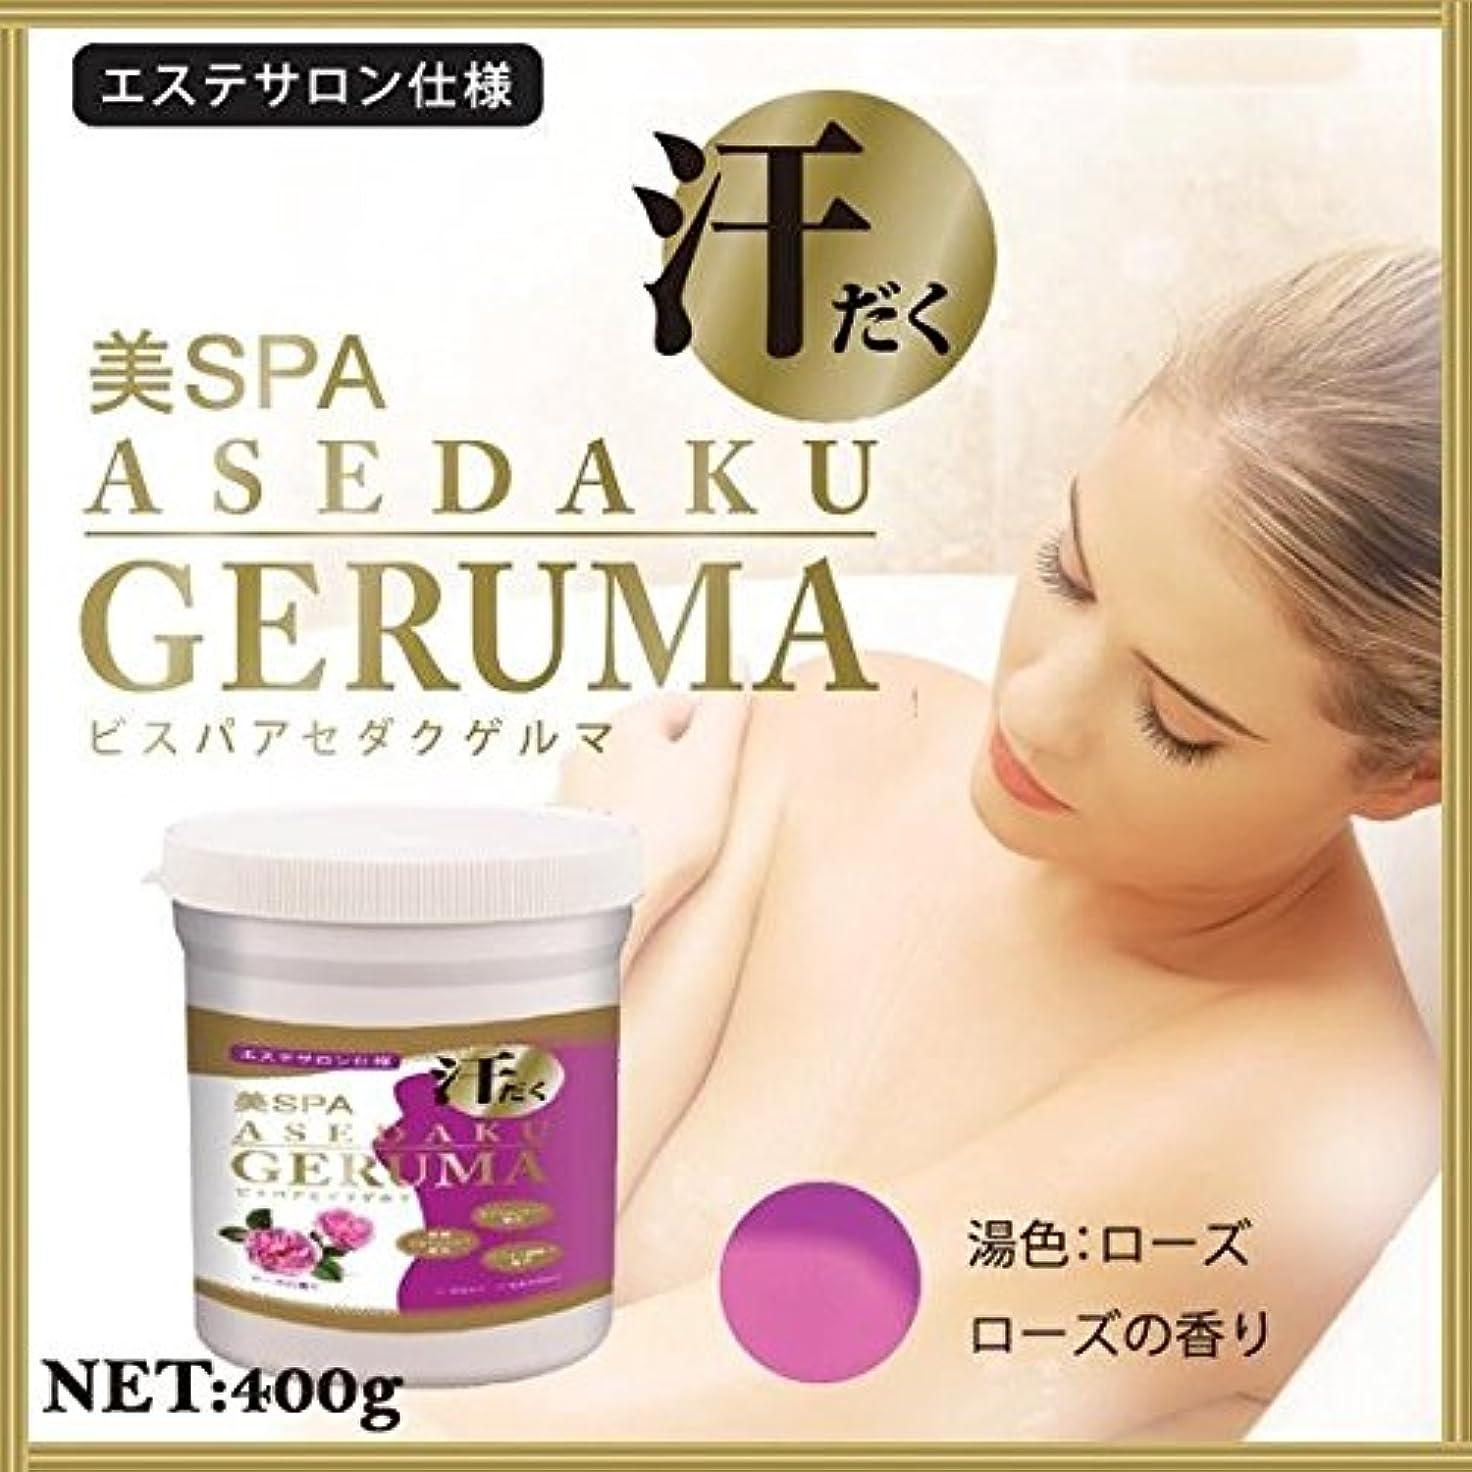 反逆者有益な吐くゲルマニウム入浴料 美SPA ASEDAKU GERUMA ROSE(ローズ) ボトル 400g